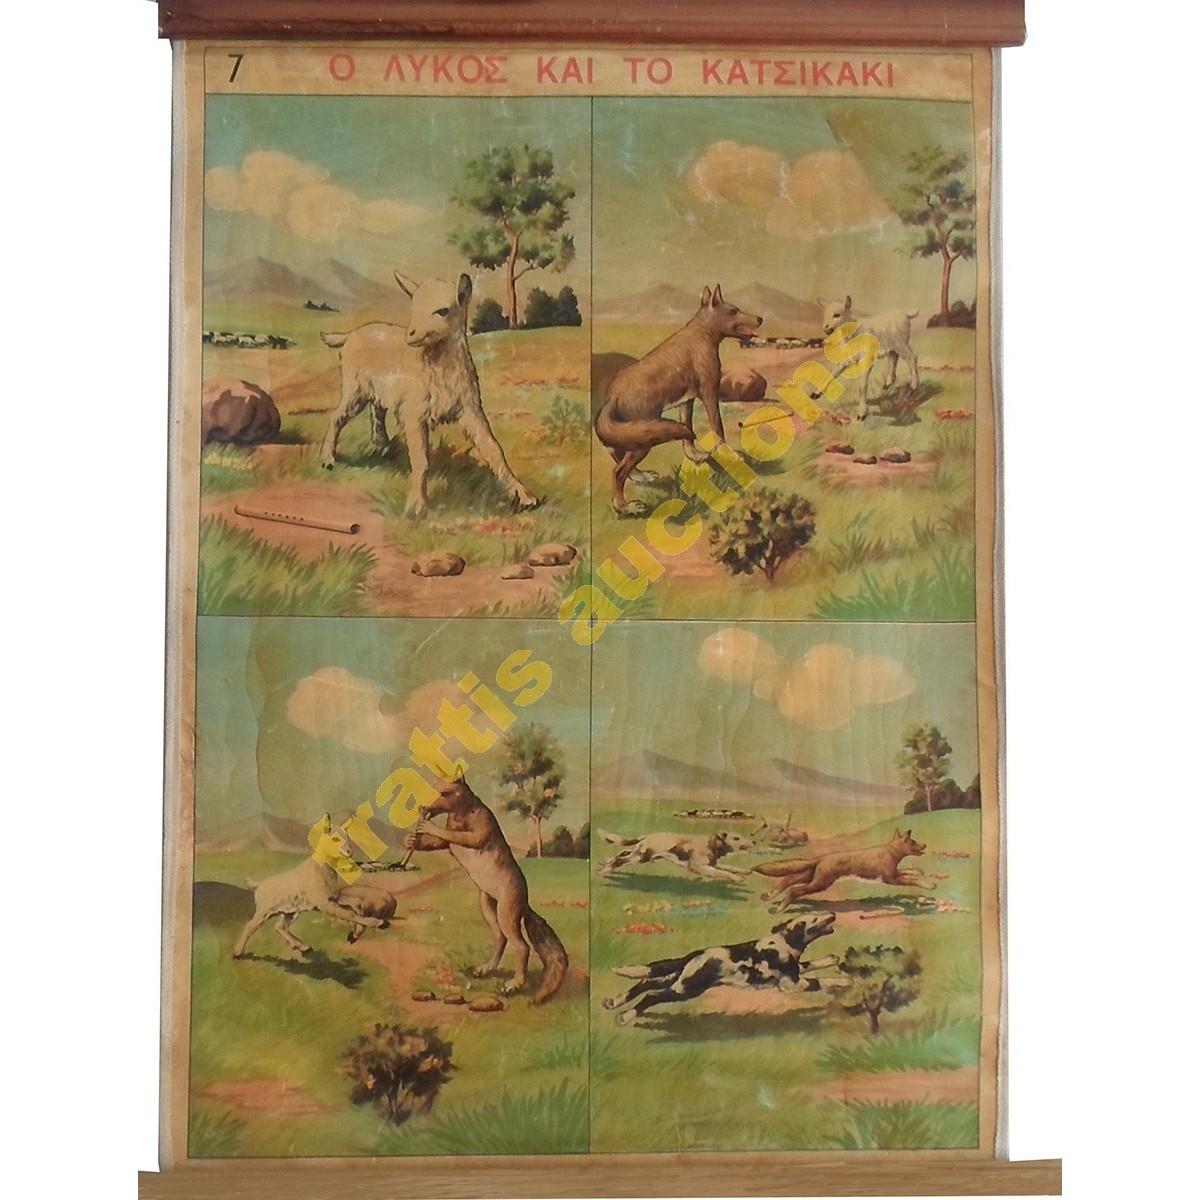 Ο λύκος και το κατσικάκι, σχολικό poster.1950